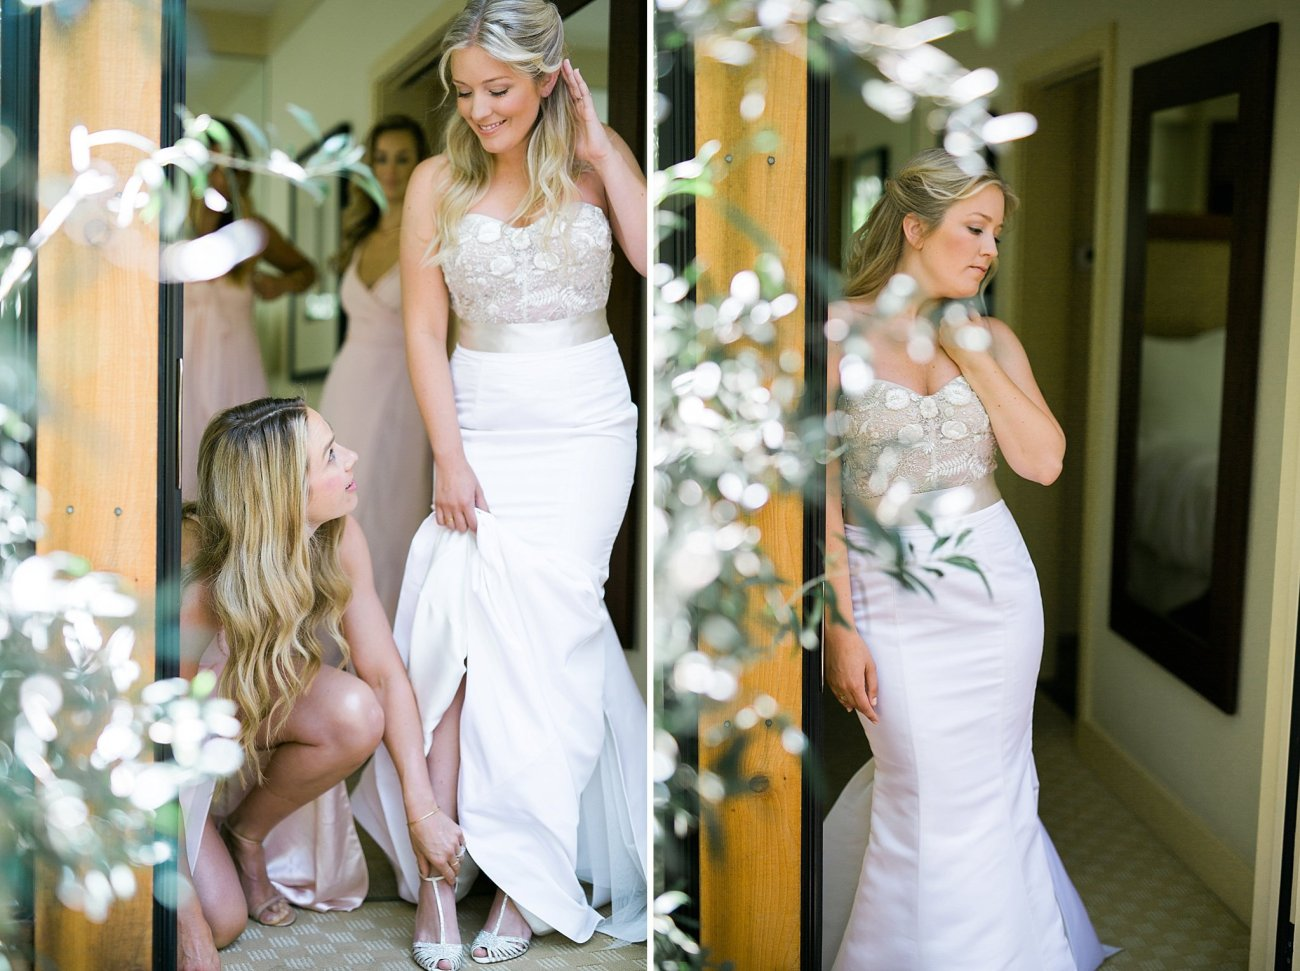 Calistoga Ranch Wedding Photos Monique Lhuillier dress